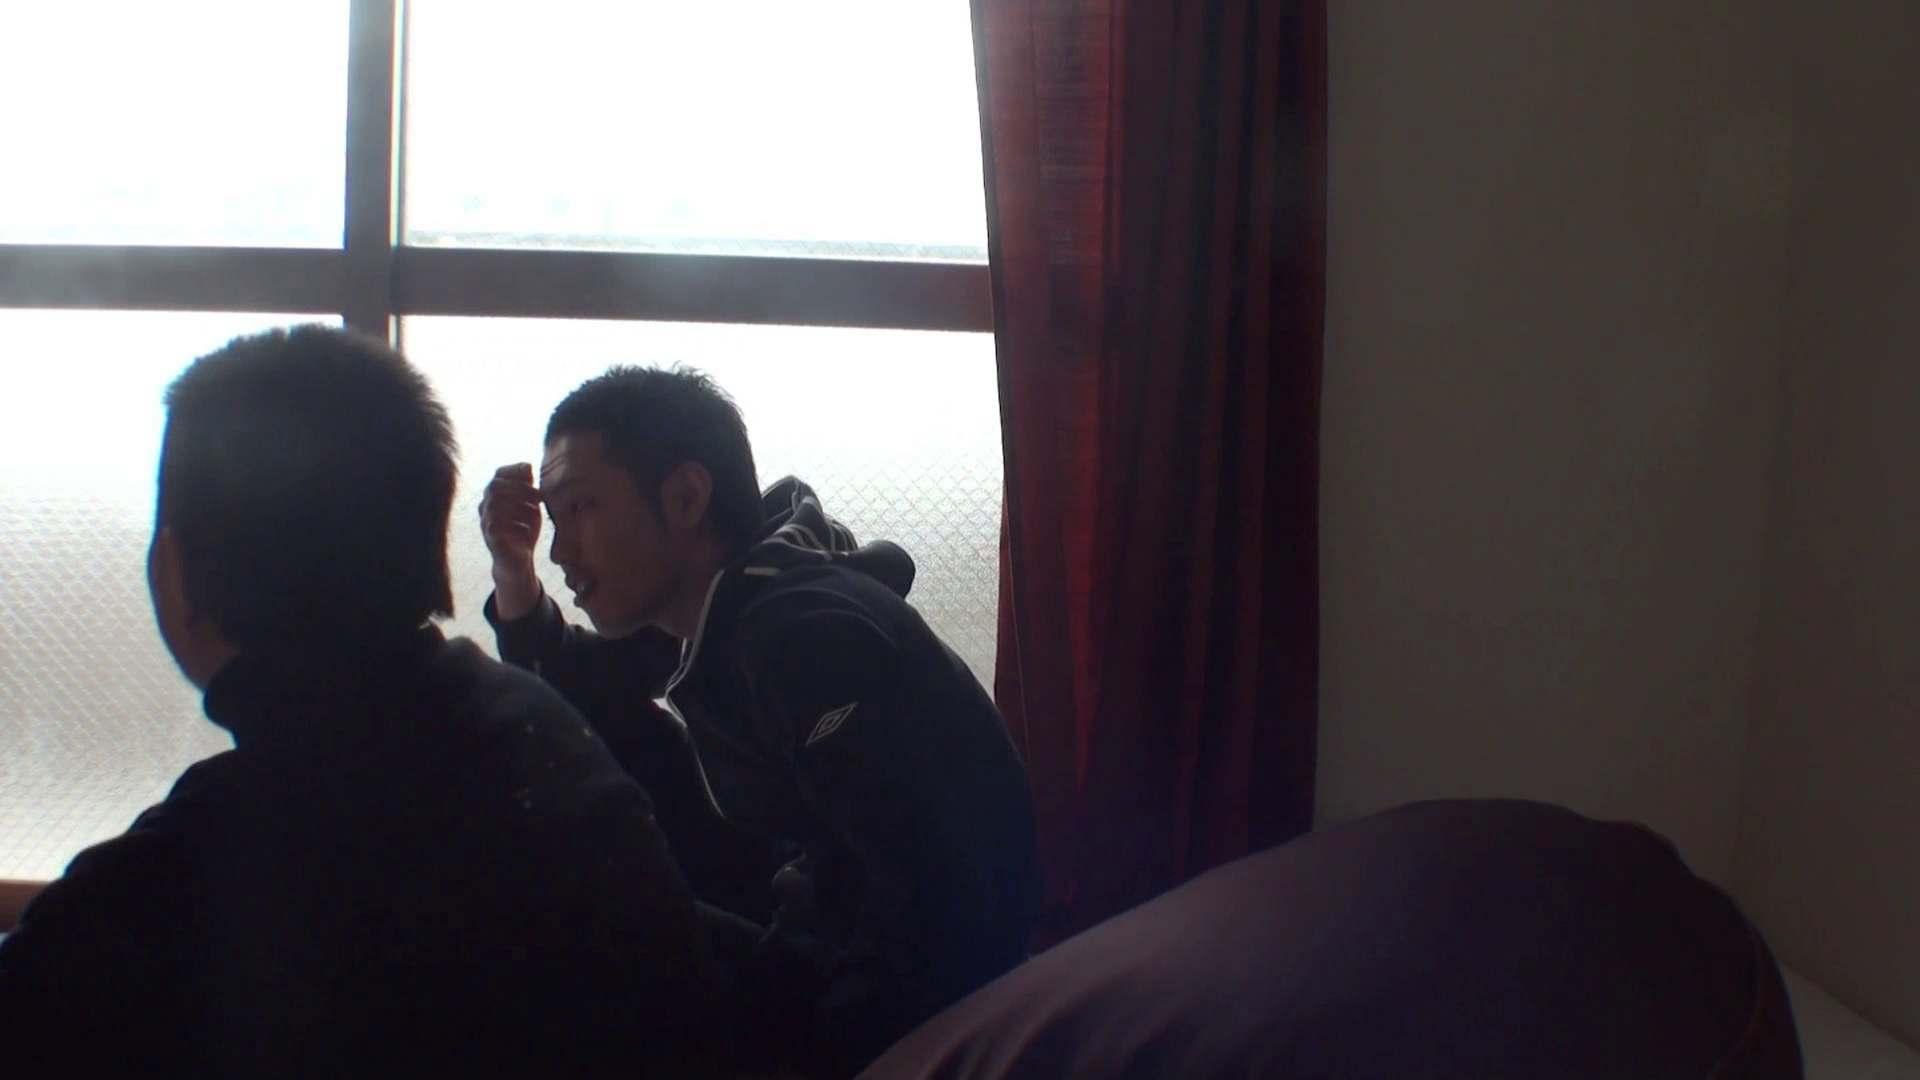 HD 良太と健二当たり前の日常 お口処理編 ガチムチマッチョ系男子 | 男・男・男  56枚 1